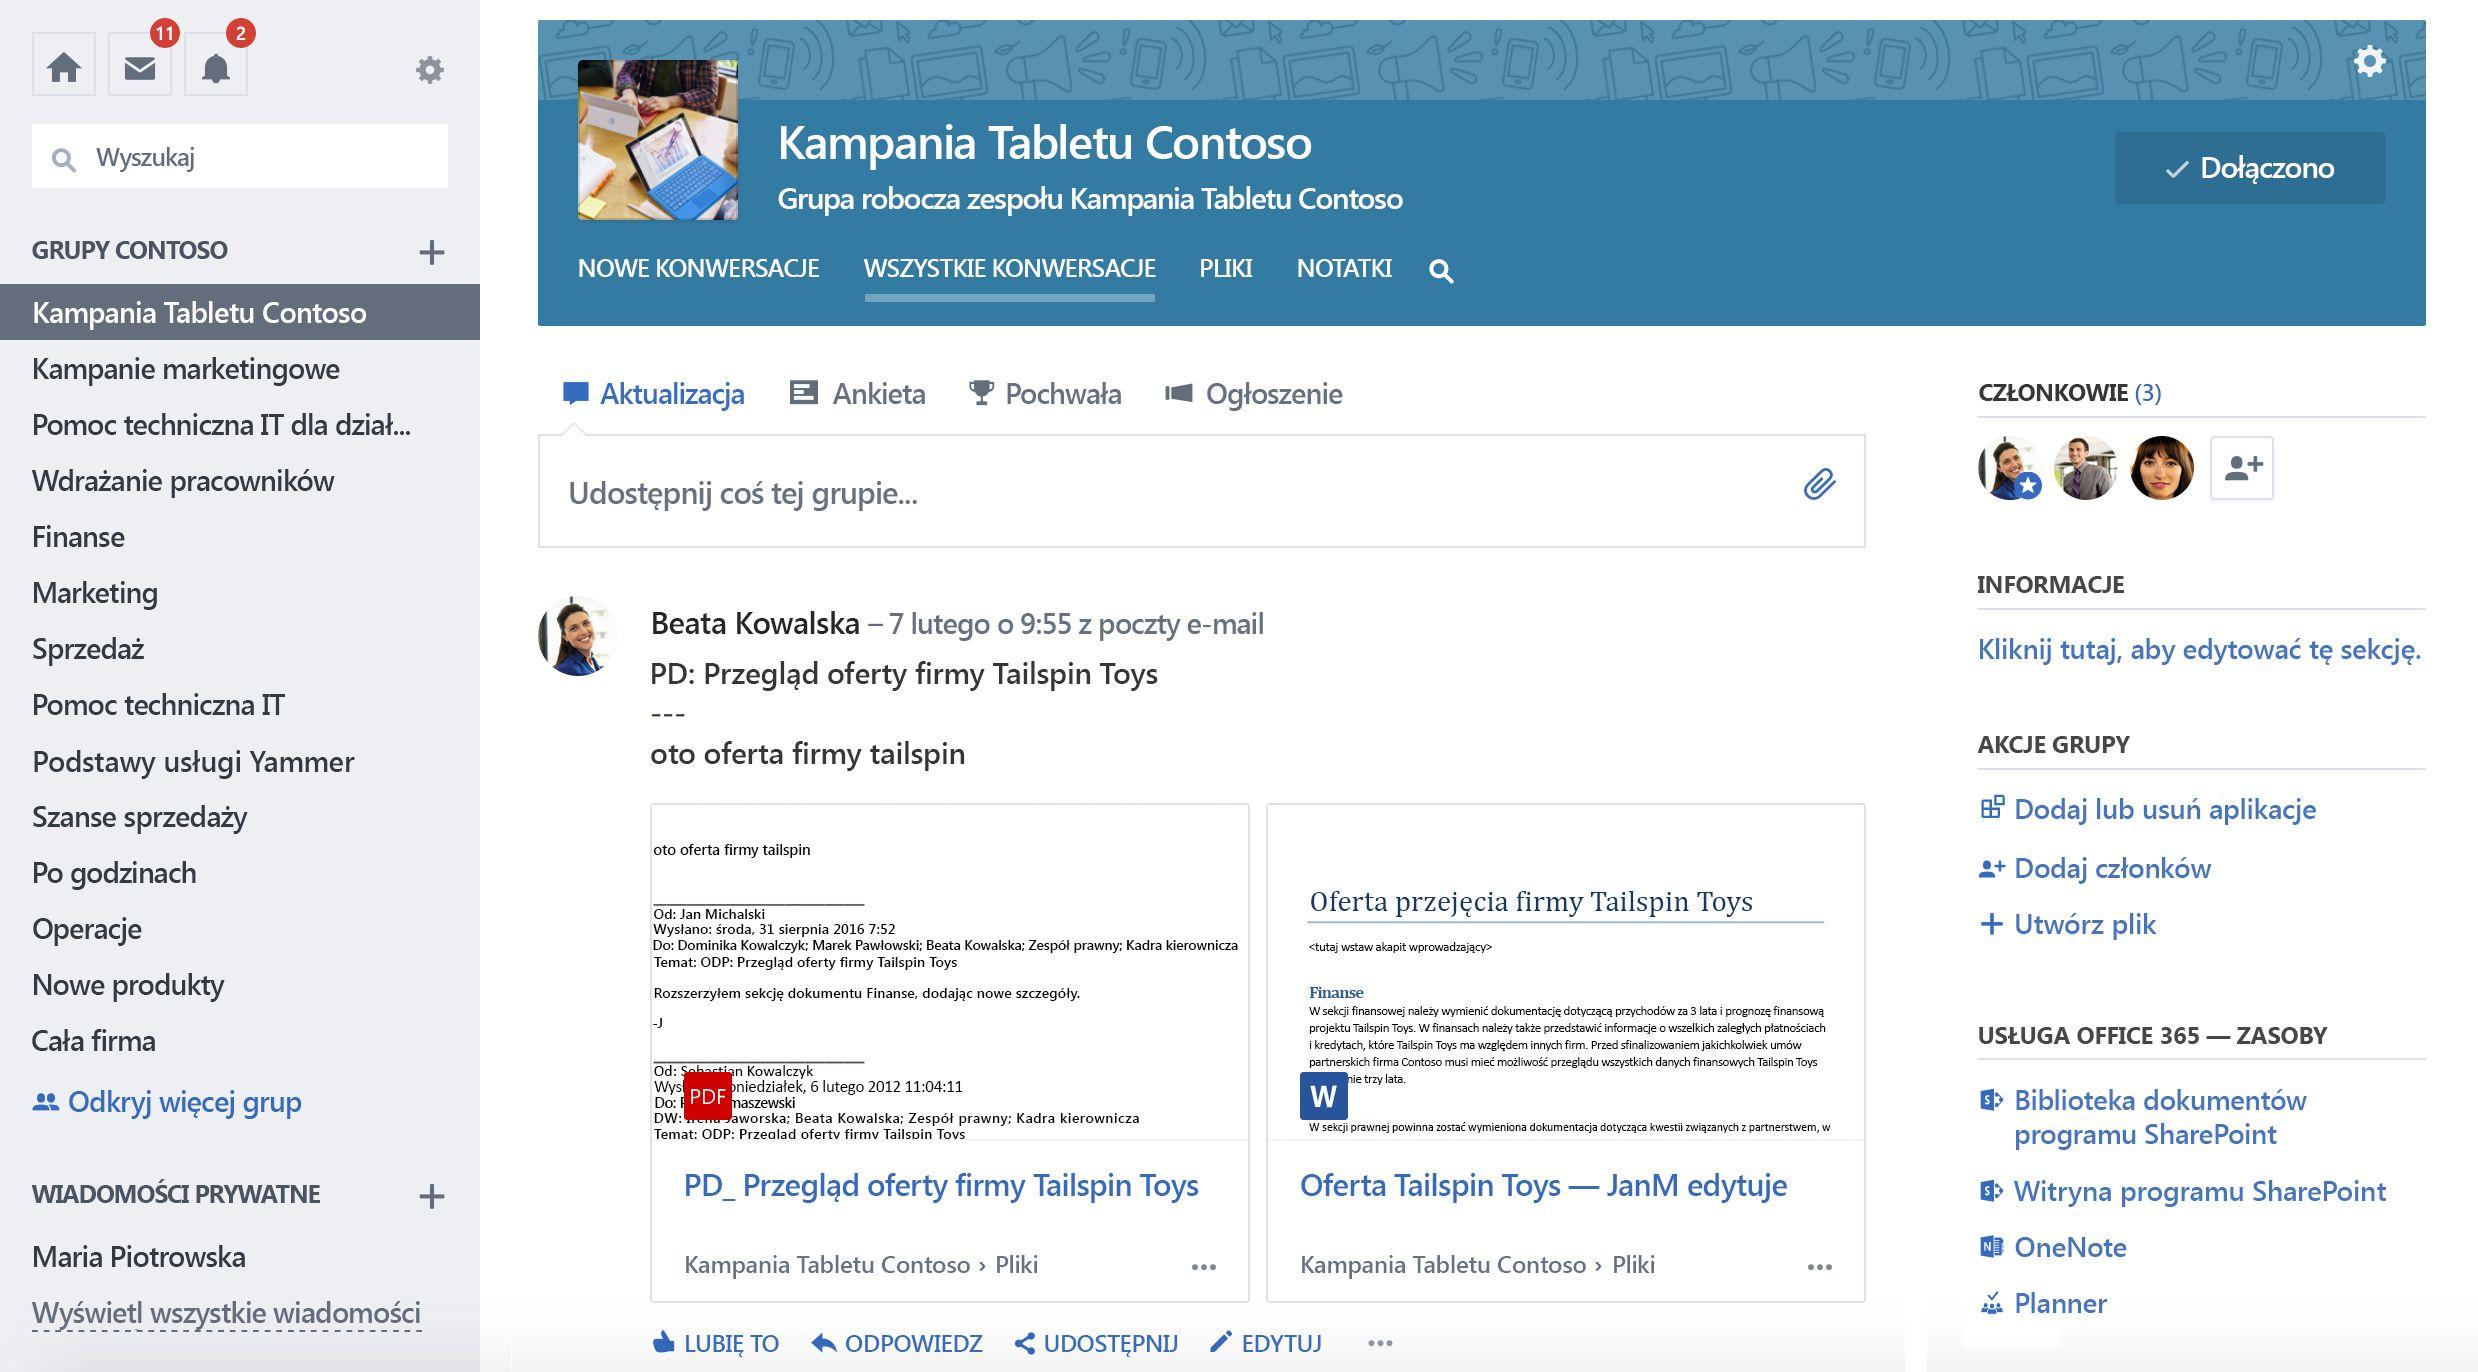 Zrzut ekranu usługi Office 365 połączony konwersacje grupowe usługi Yammer